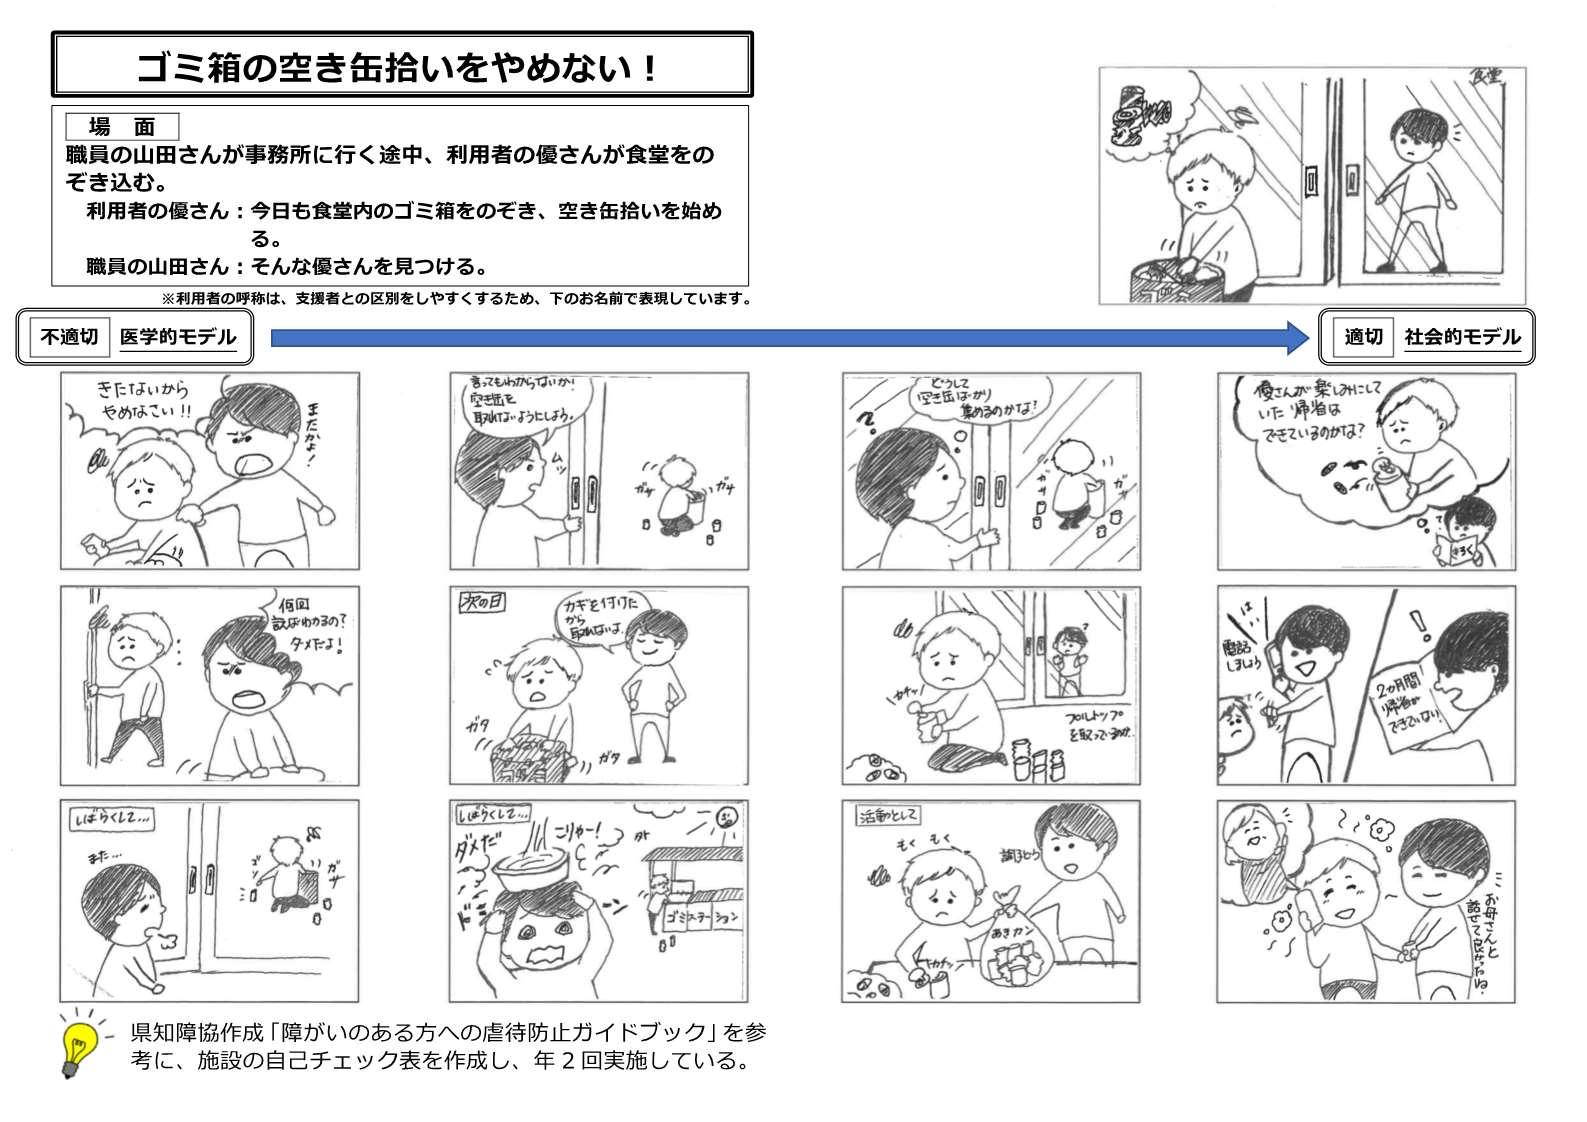 10絵コンテ(ゴミ箱の~)